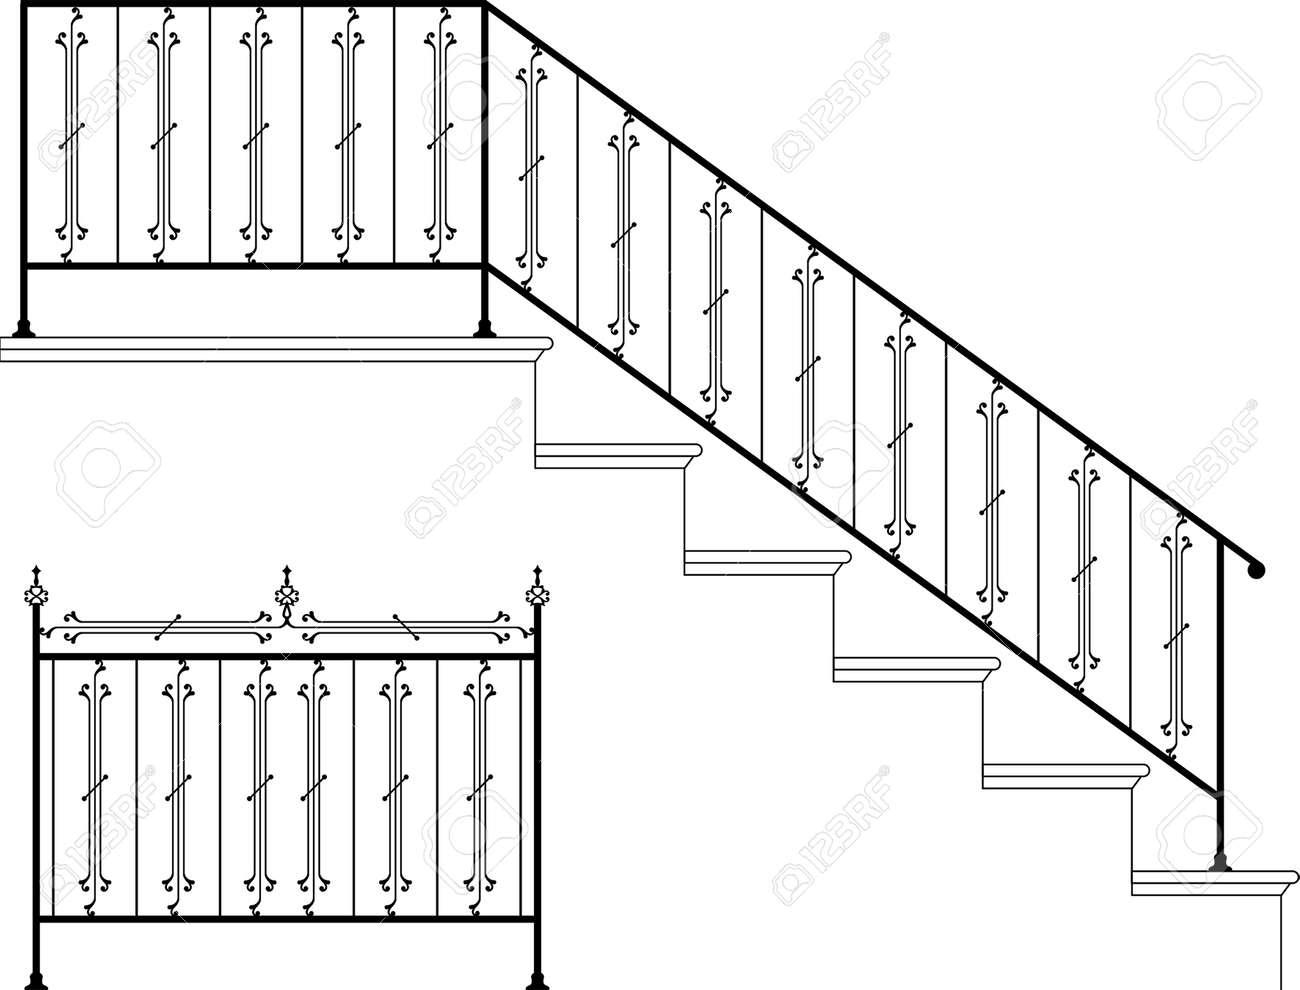 Diseo De Una Escalera Escaleras Metlicas Exteriores E Interiores  ~ Dimensiones Escalera De Caracol